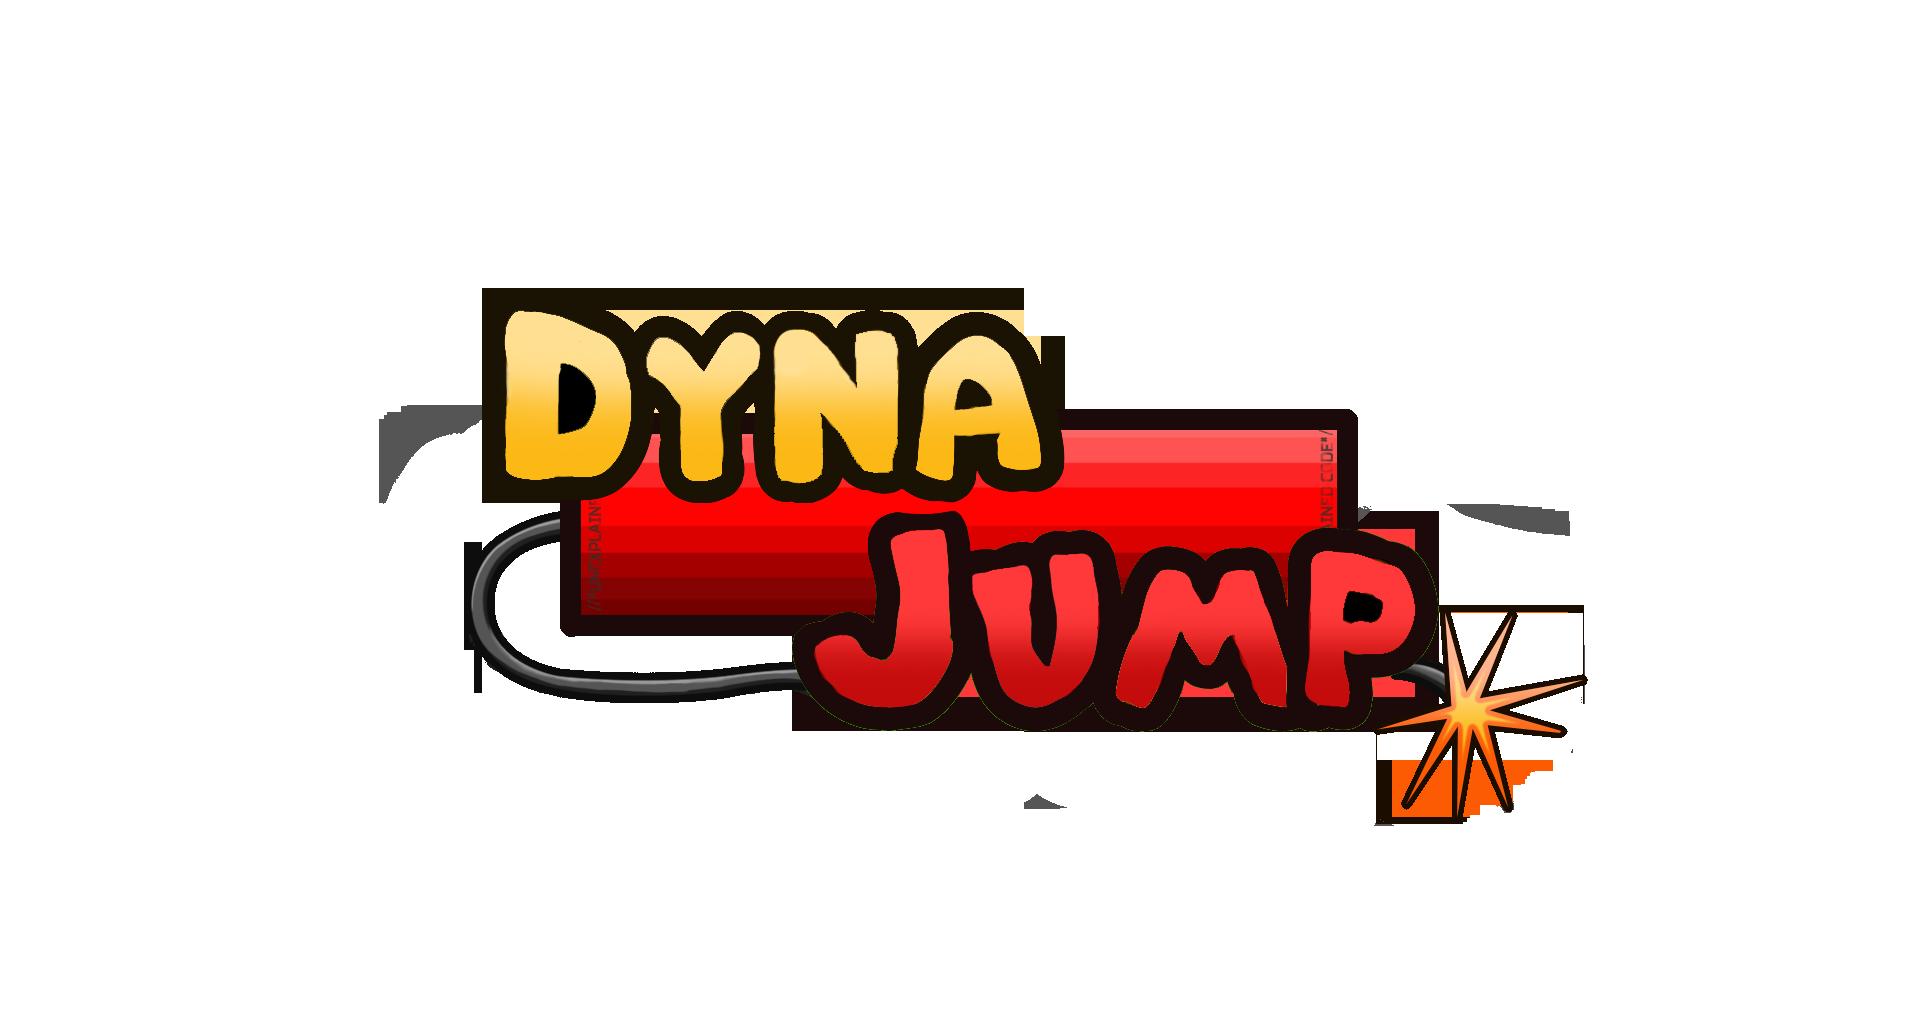 Dyna jump